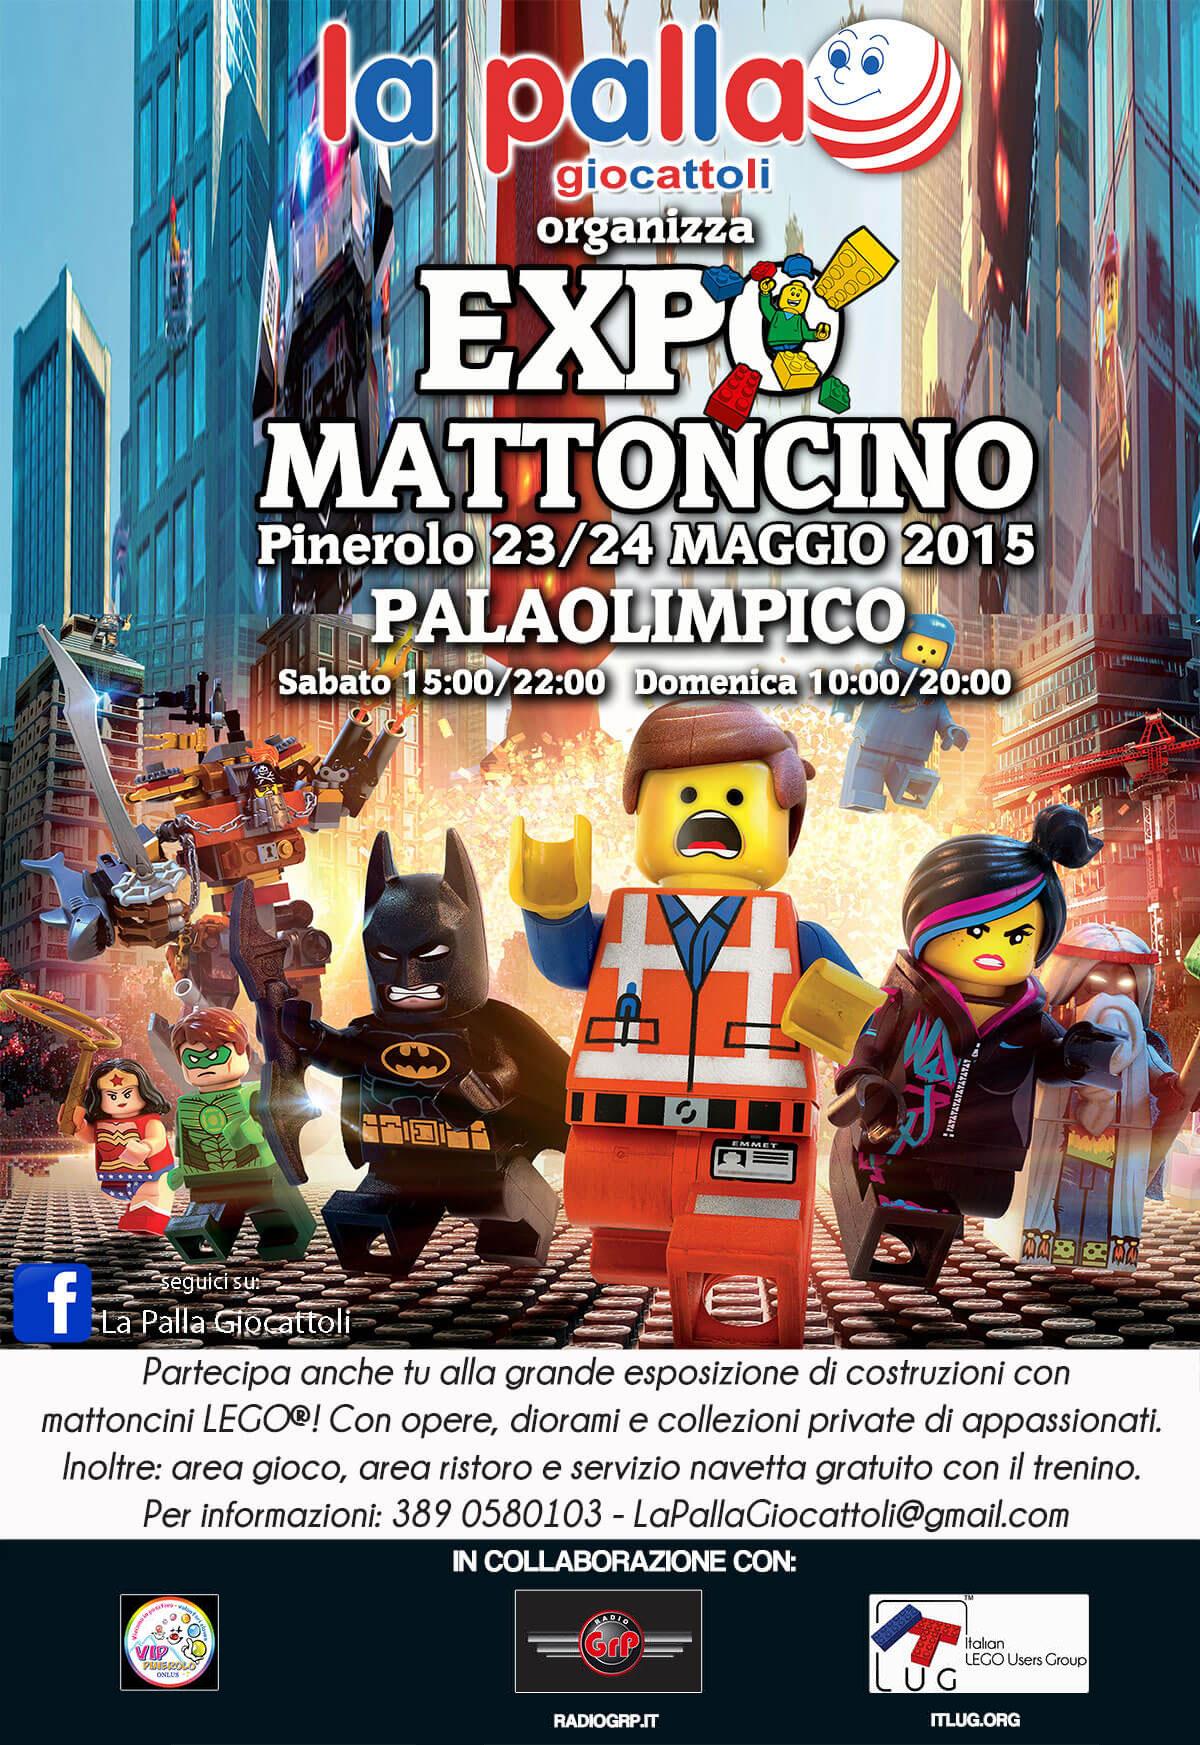 ItLUG partecipa a Expo Mattoncino 2015